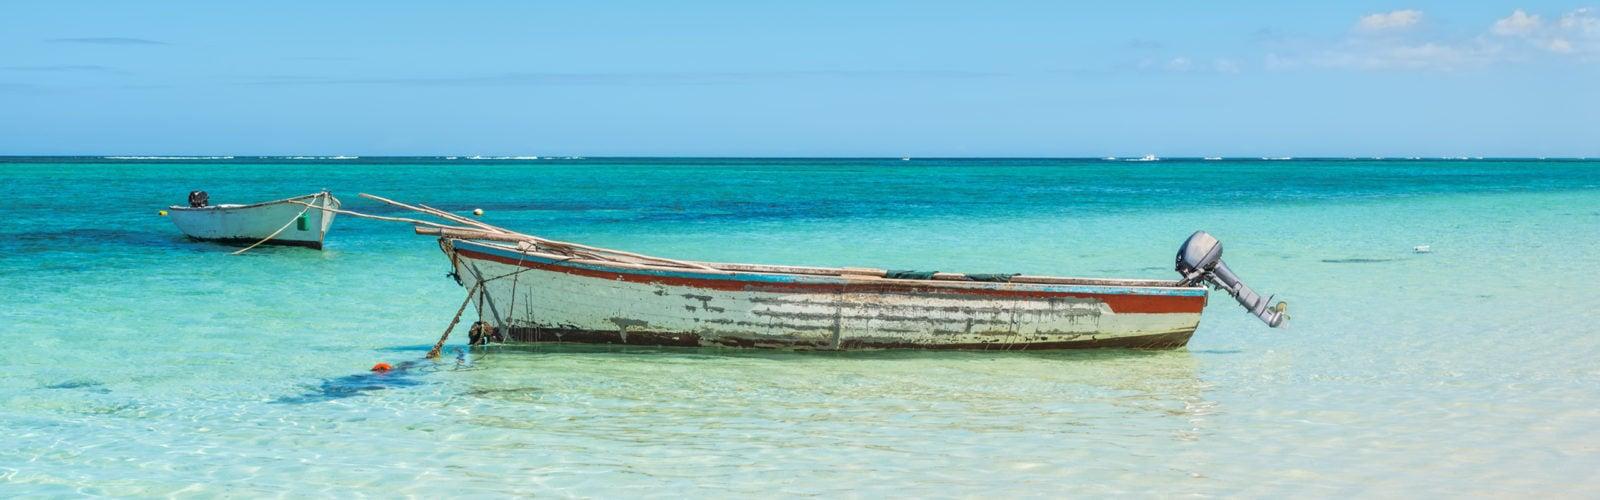 fishing-boats-mauritius